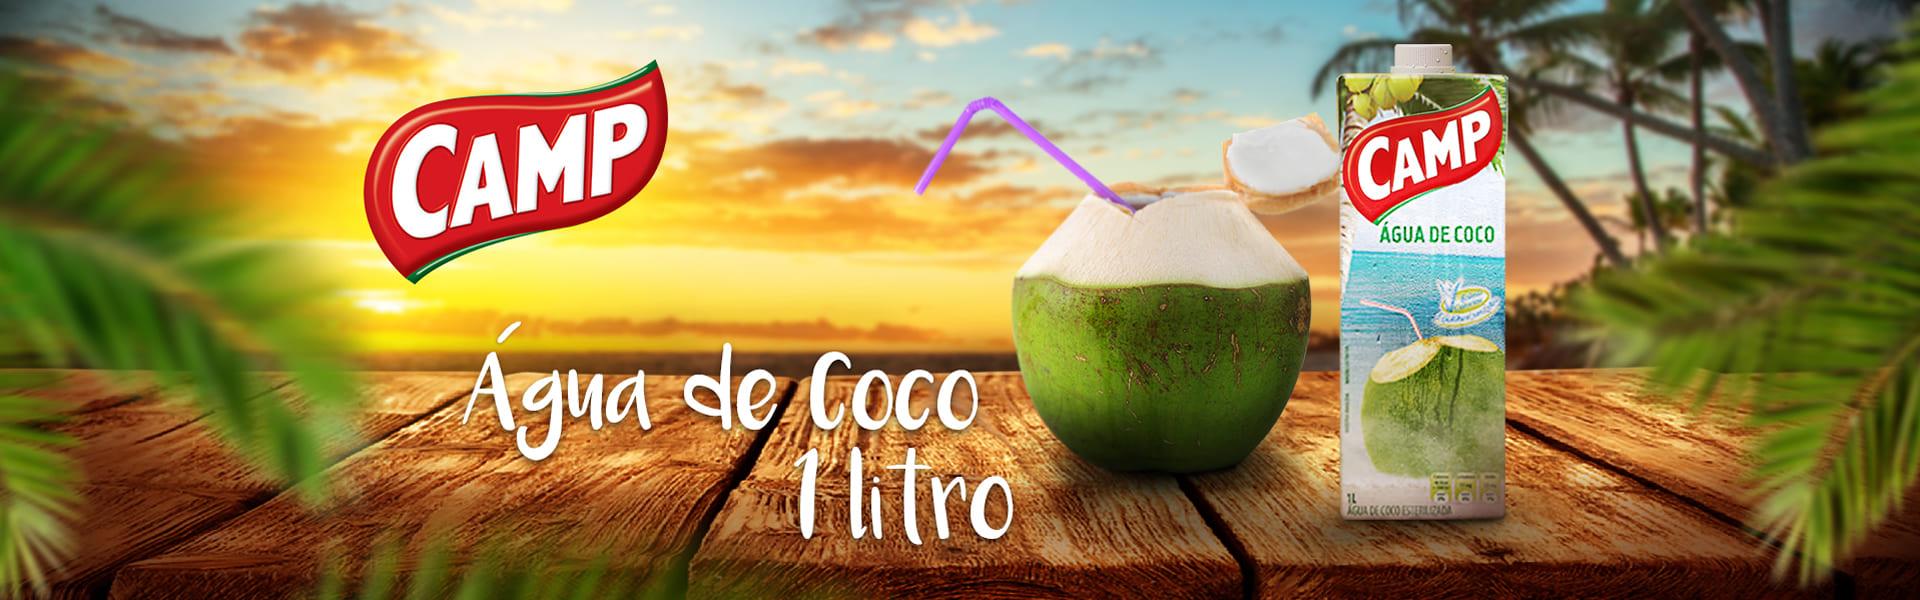 Camp �gua de Coco